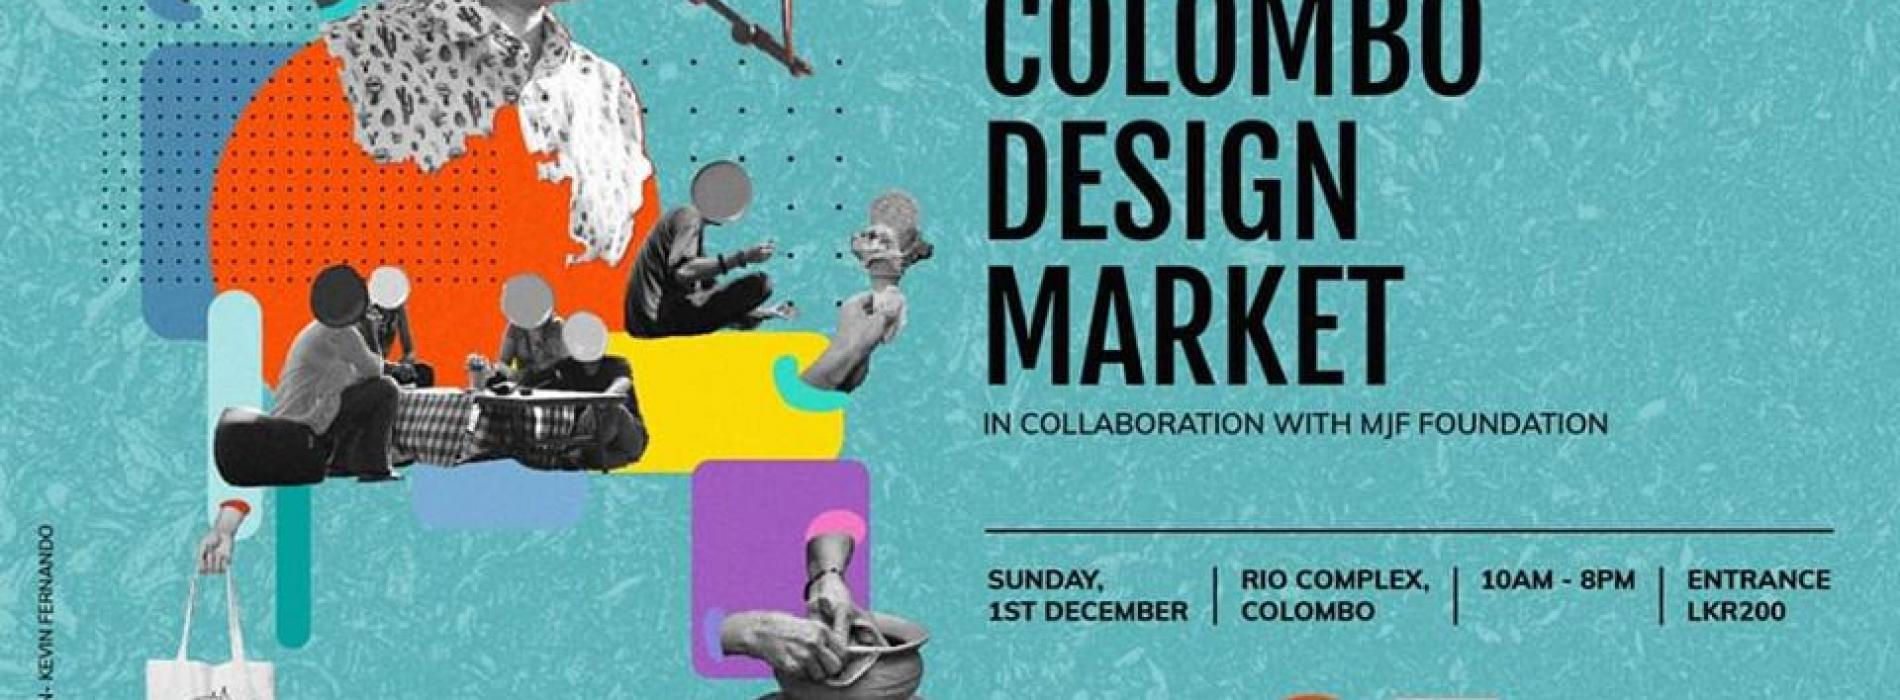 Colombo Design Market